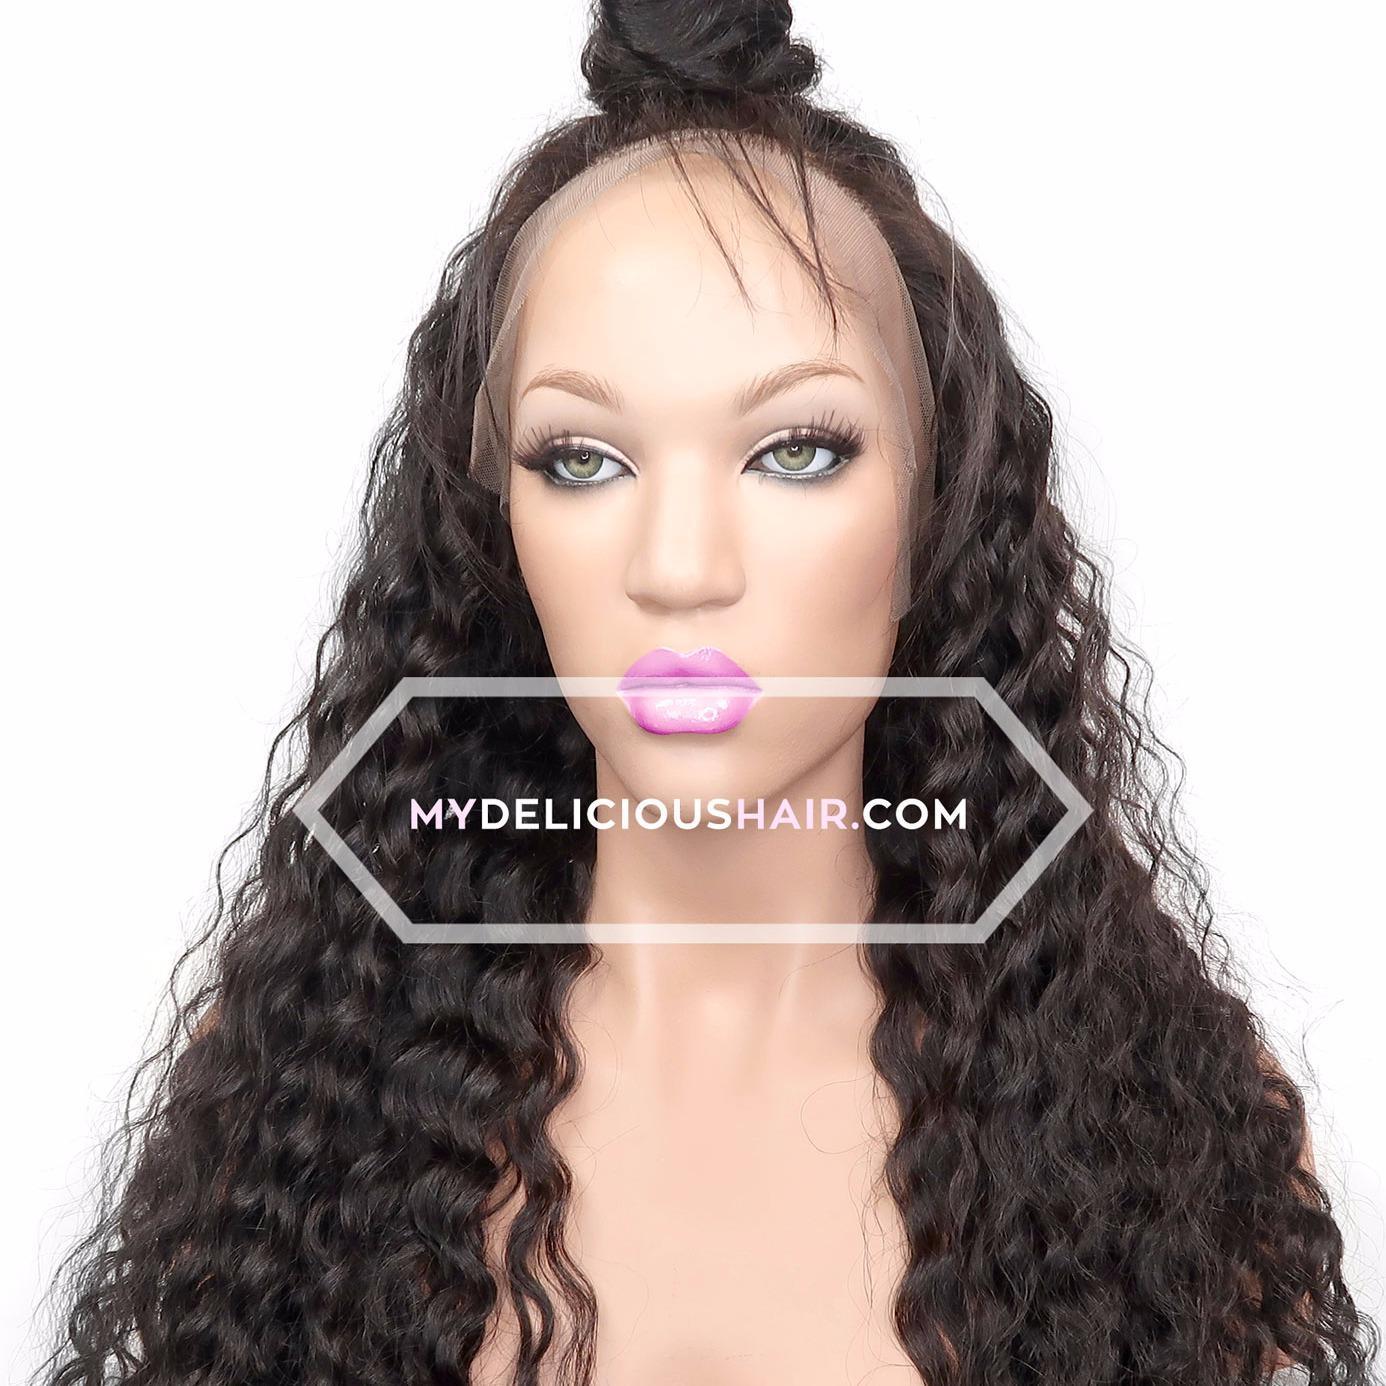 Shop Lace Wigs image 12